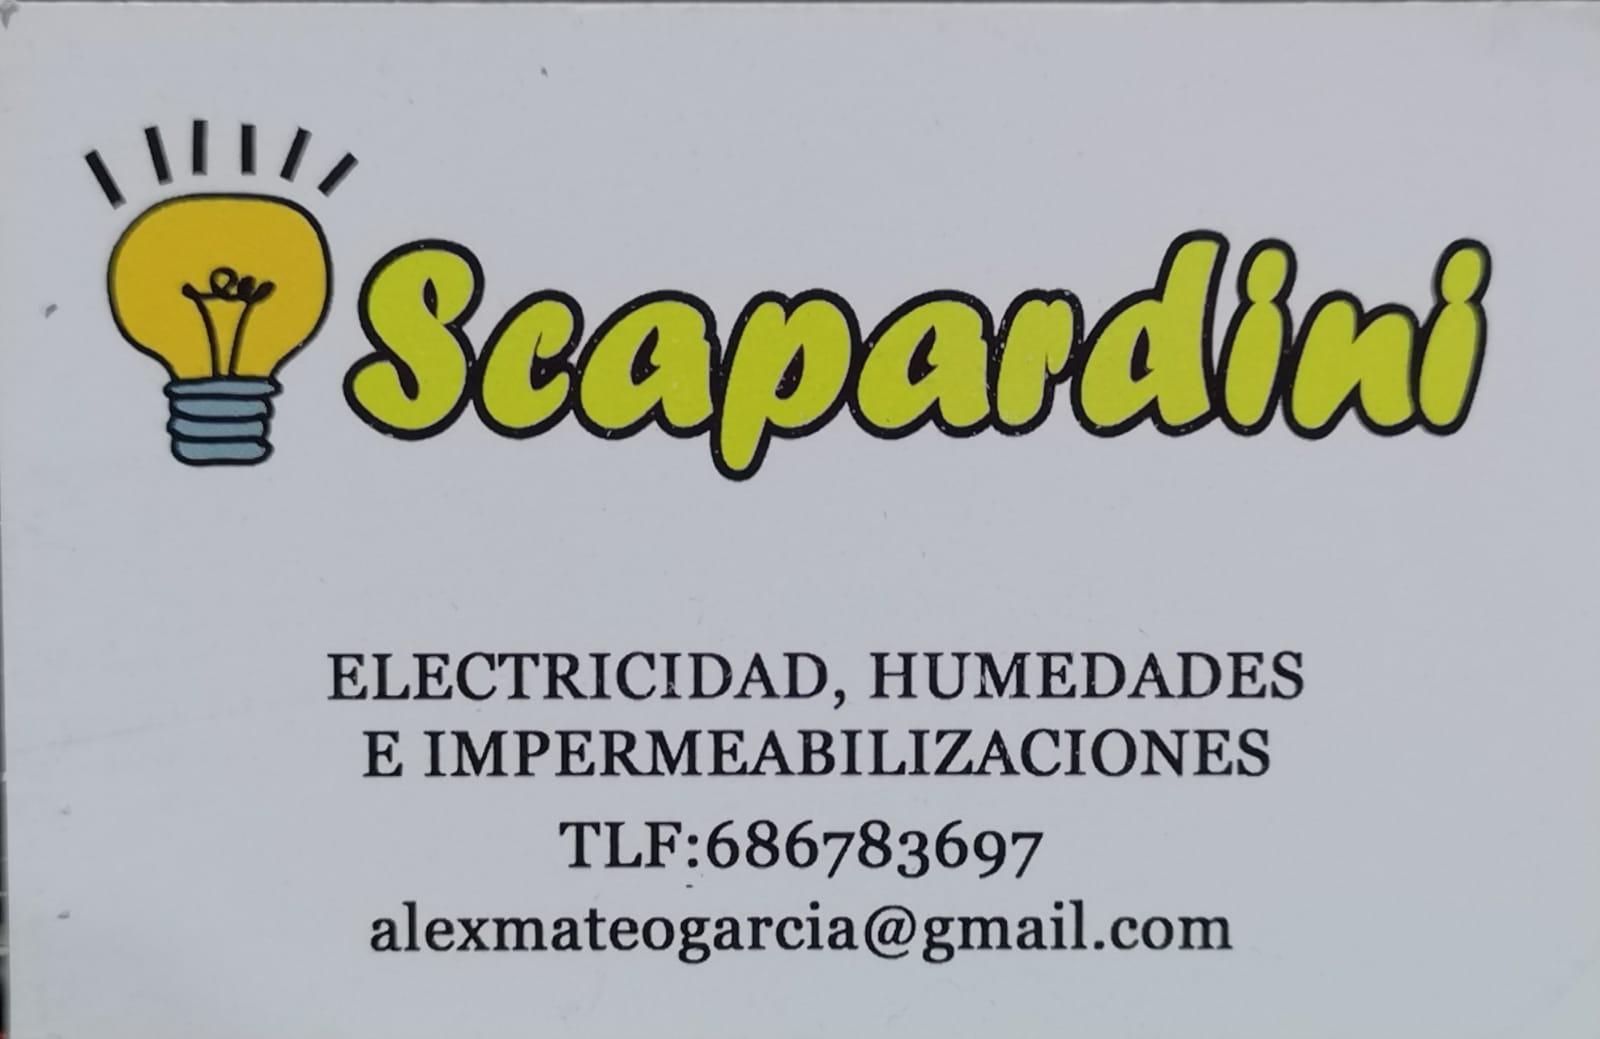 Scapardini